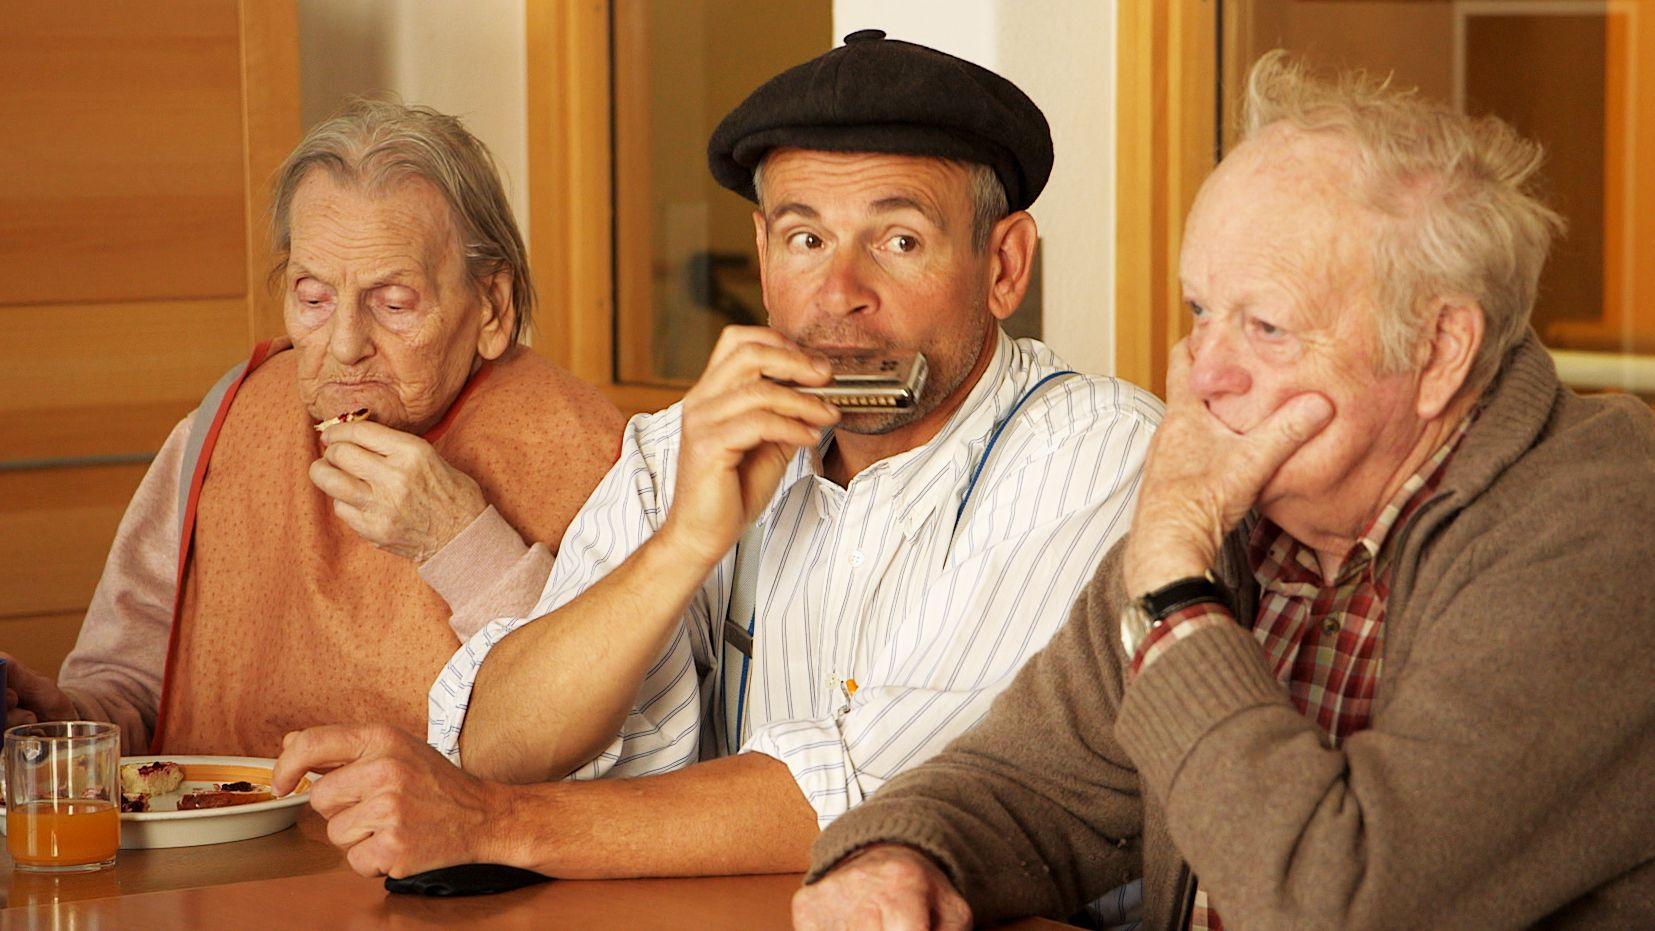 Markus Proske, Humor-Therapeut und Demenz-Berater, mit zwei Bewohnern im Altenheim